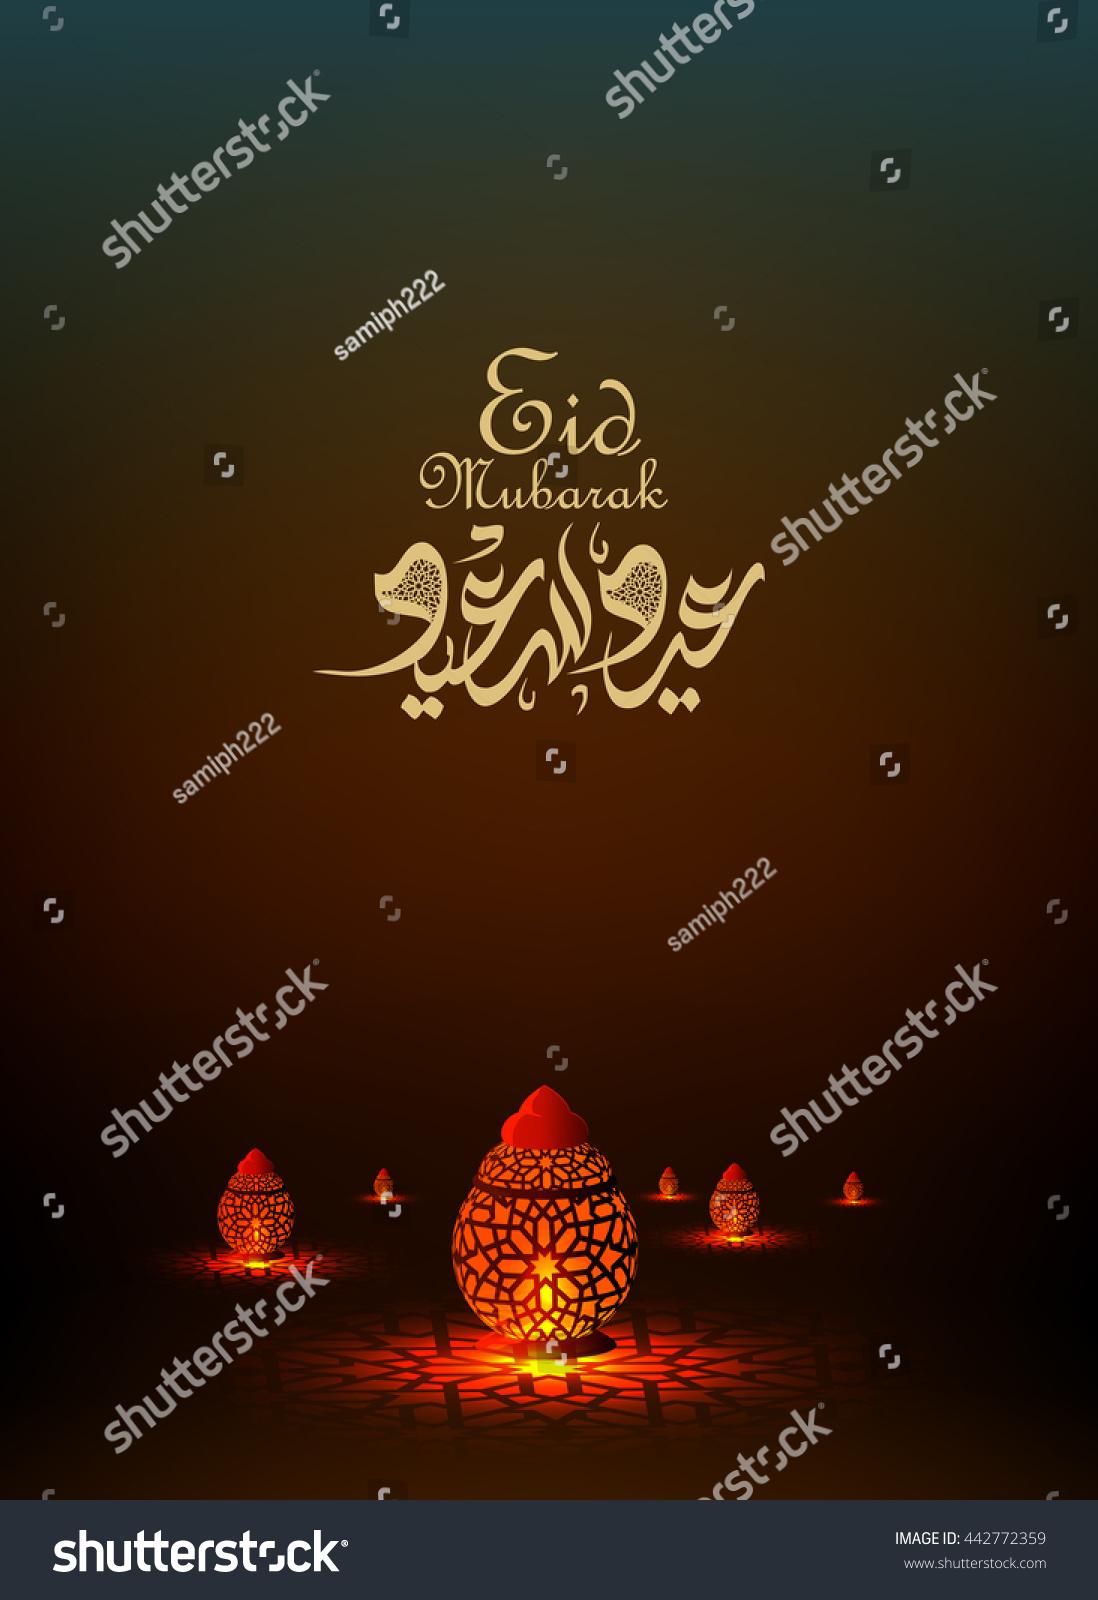 Eid Mubarak Greeting Card Eid Said Stock Vector 2018 442772359